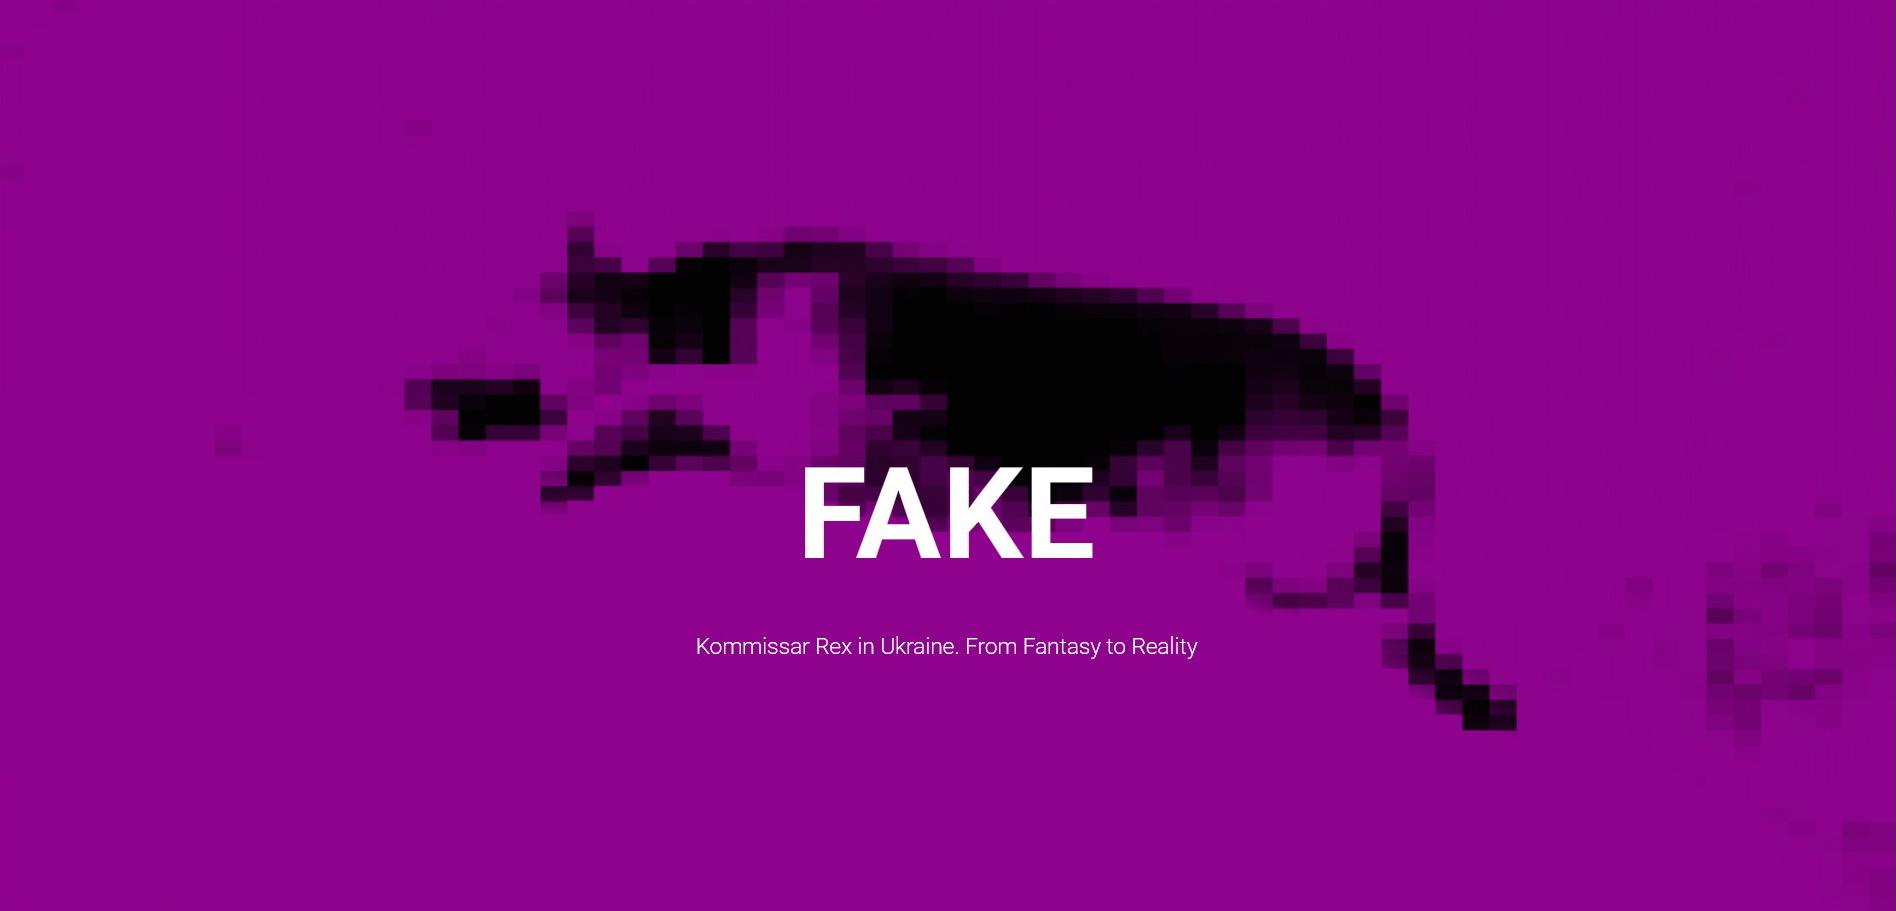 Зустріч із фейкерами: комісар Рекс рекомендує перевіряти інформацію